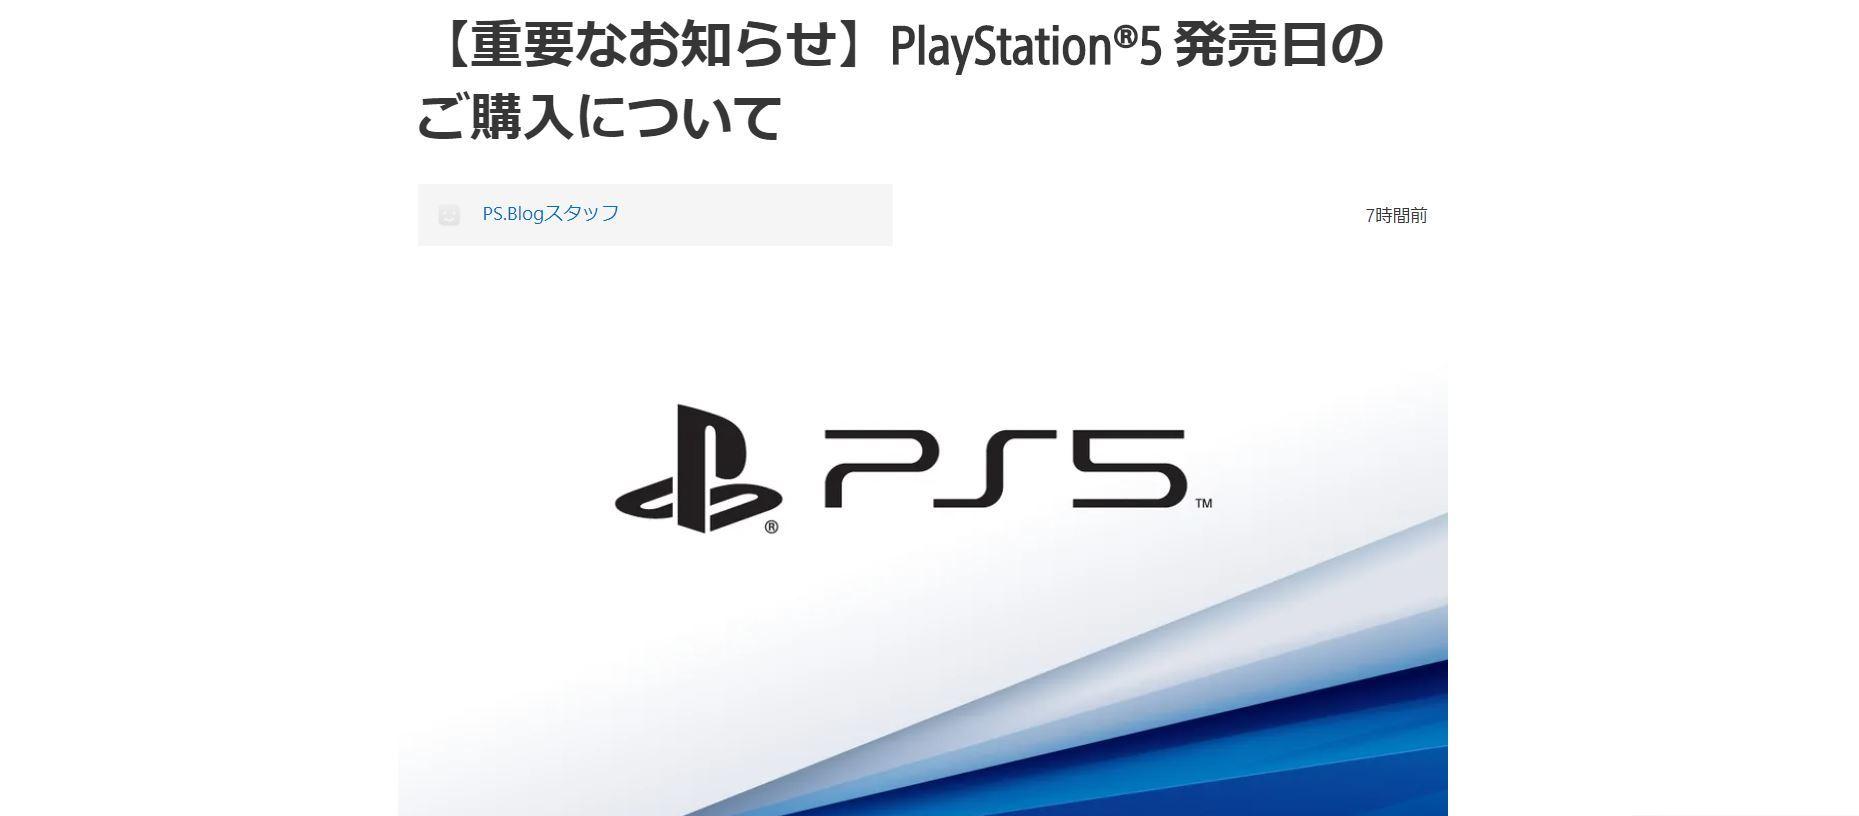 5 日 Ps 発売